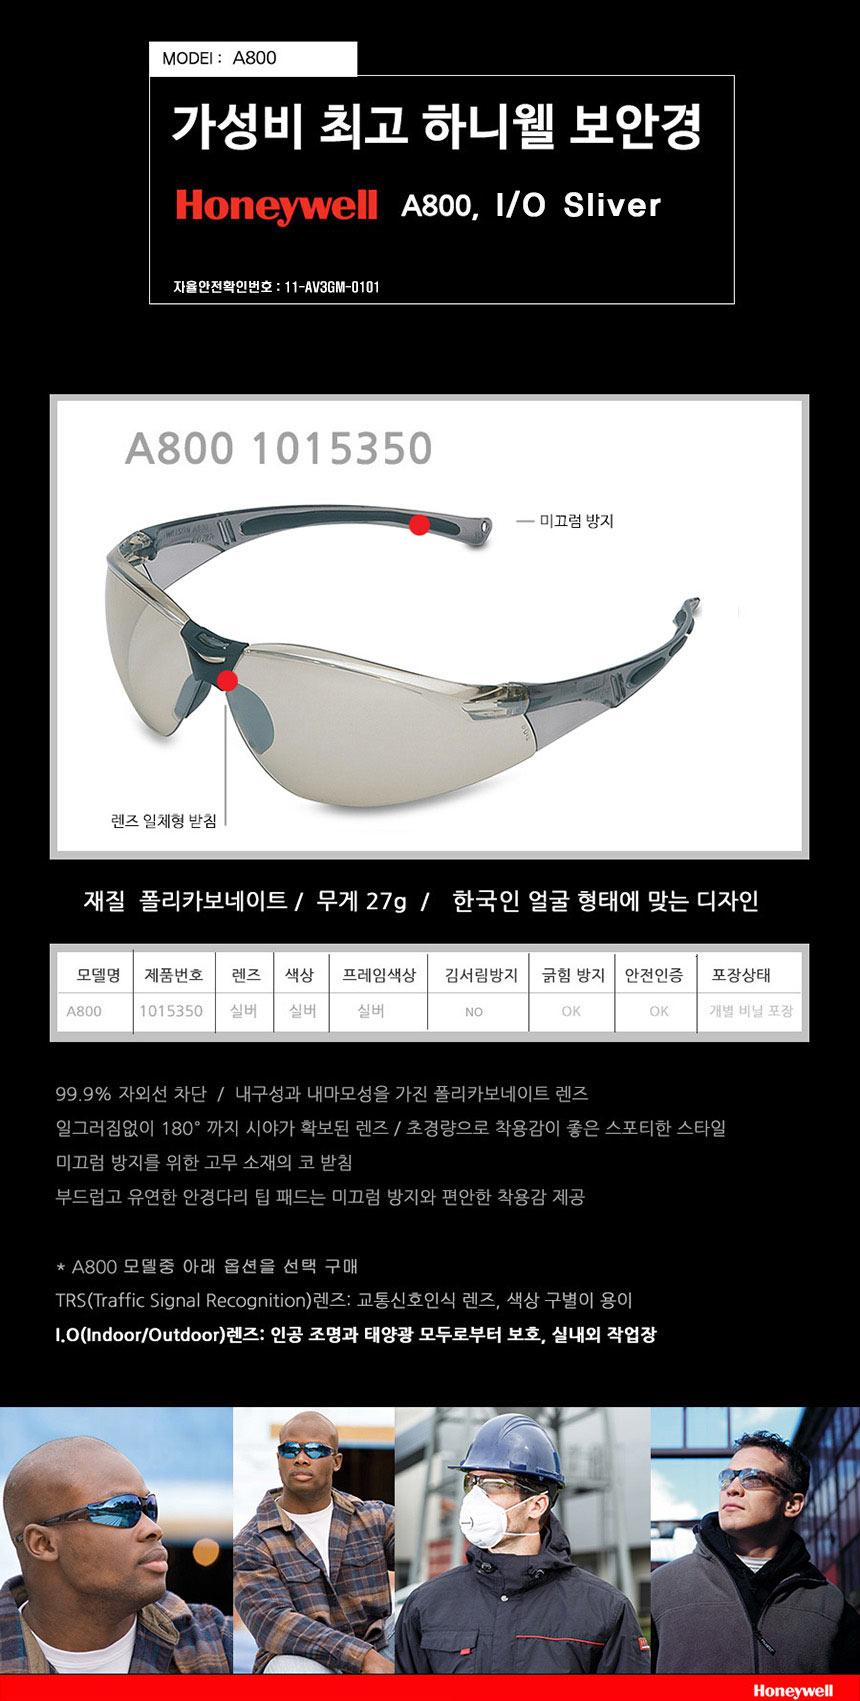 하니웰 A800 Silver 실험용 작업용 보호안경 (1015350) - 위드피플즈, 8,900원, 안경/선글라스, 선글라스